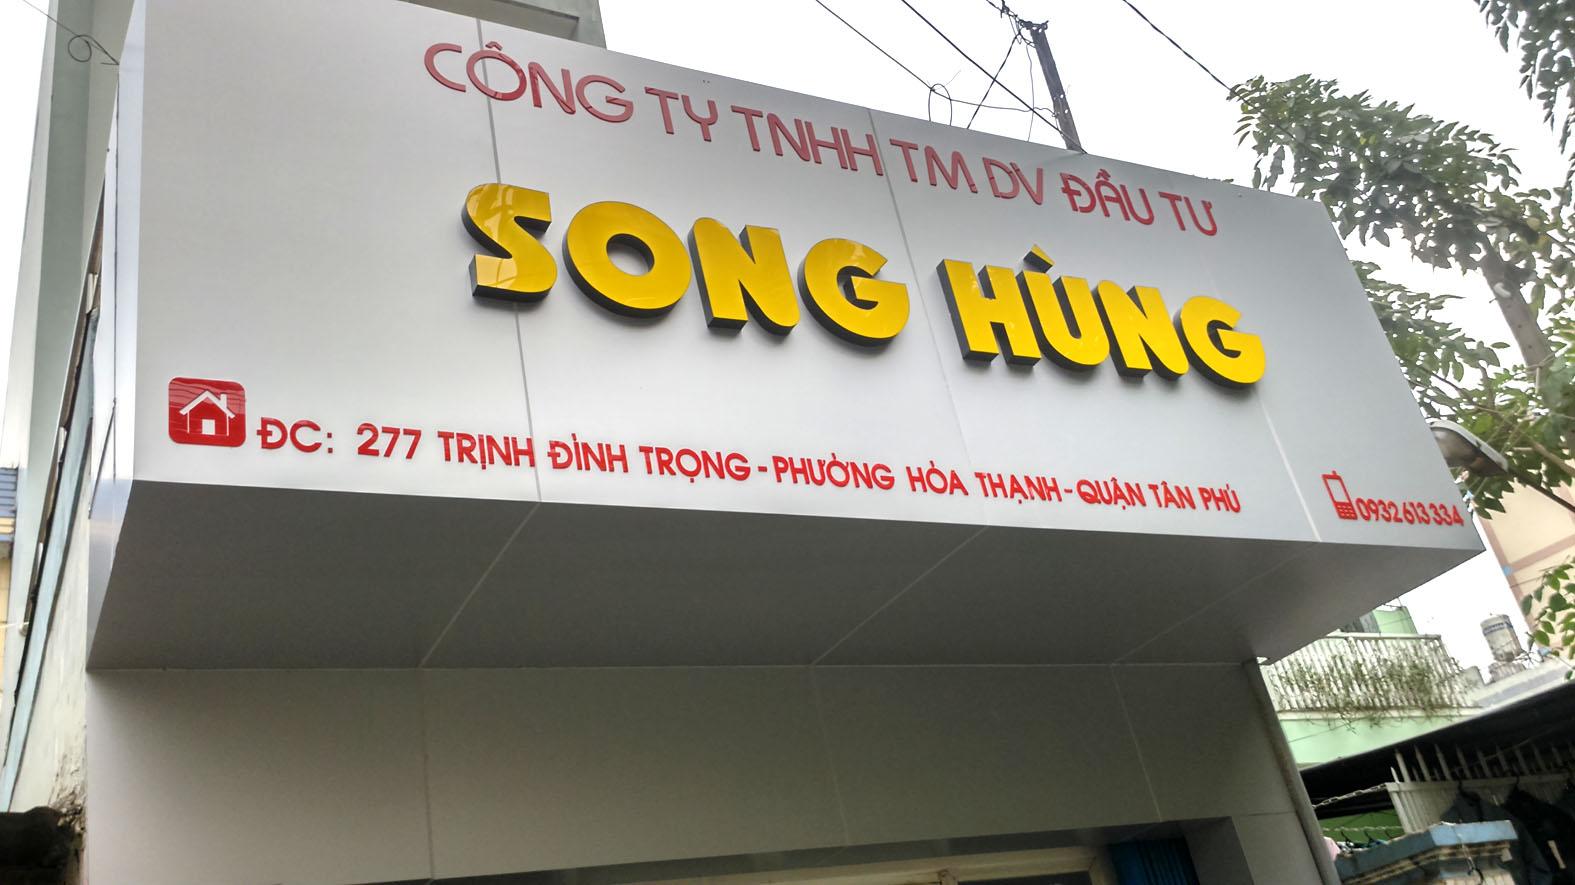 http://4.bp.blogspot.com/-0T2BebjsHPc/Vl6r0hw34bI/AAAAAAAAAOE/Ht7SBG72H5k/s1600/Chu-noi-den%253Dthi-cong-hop-den-led-bang-hieu-led.jpg